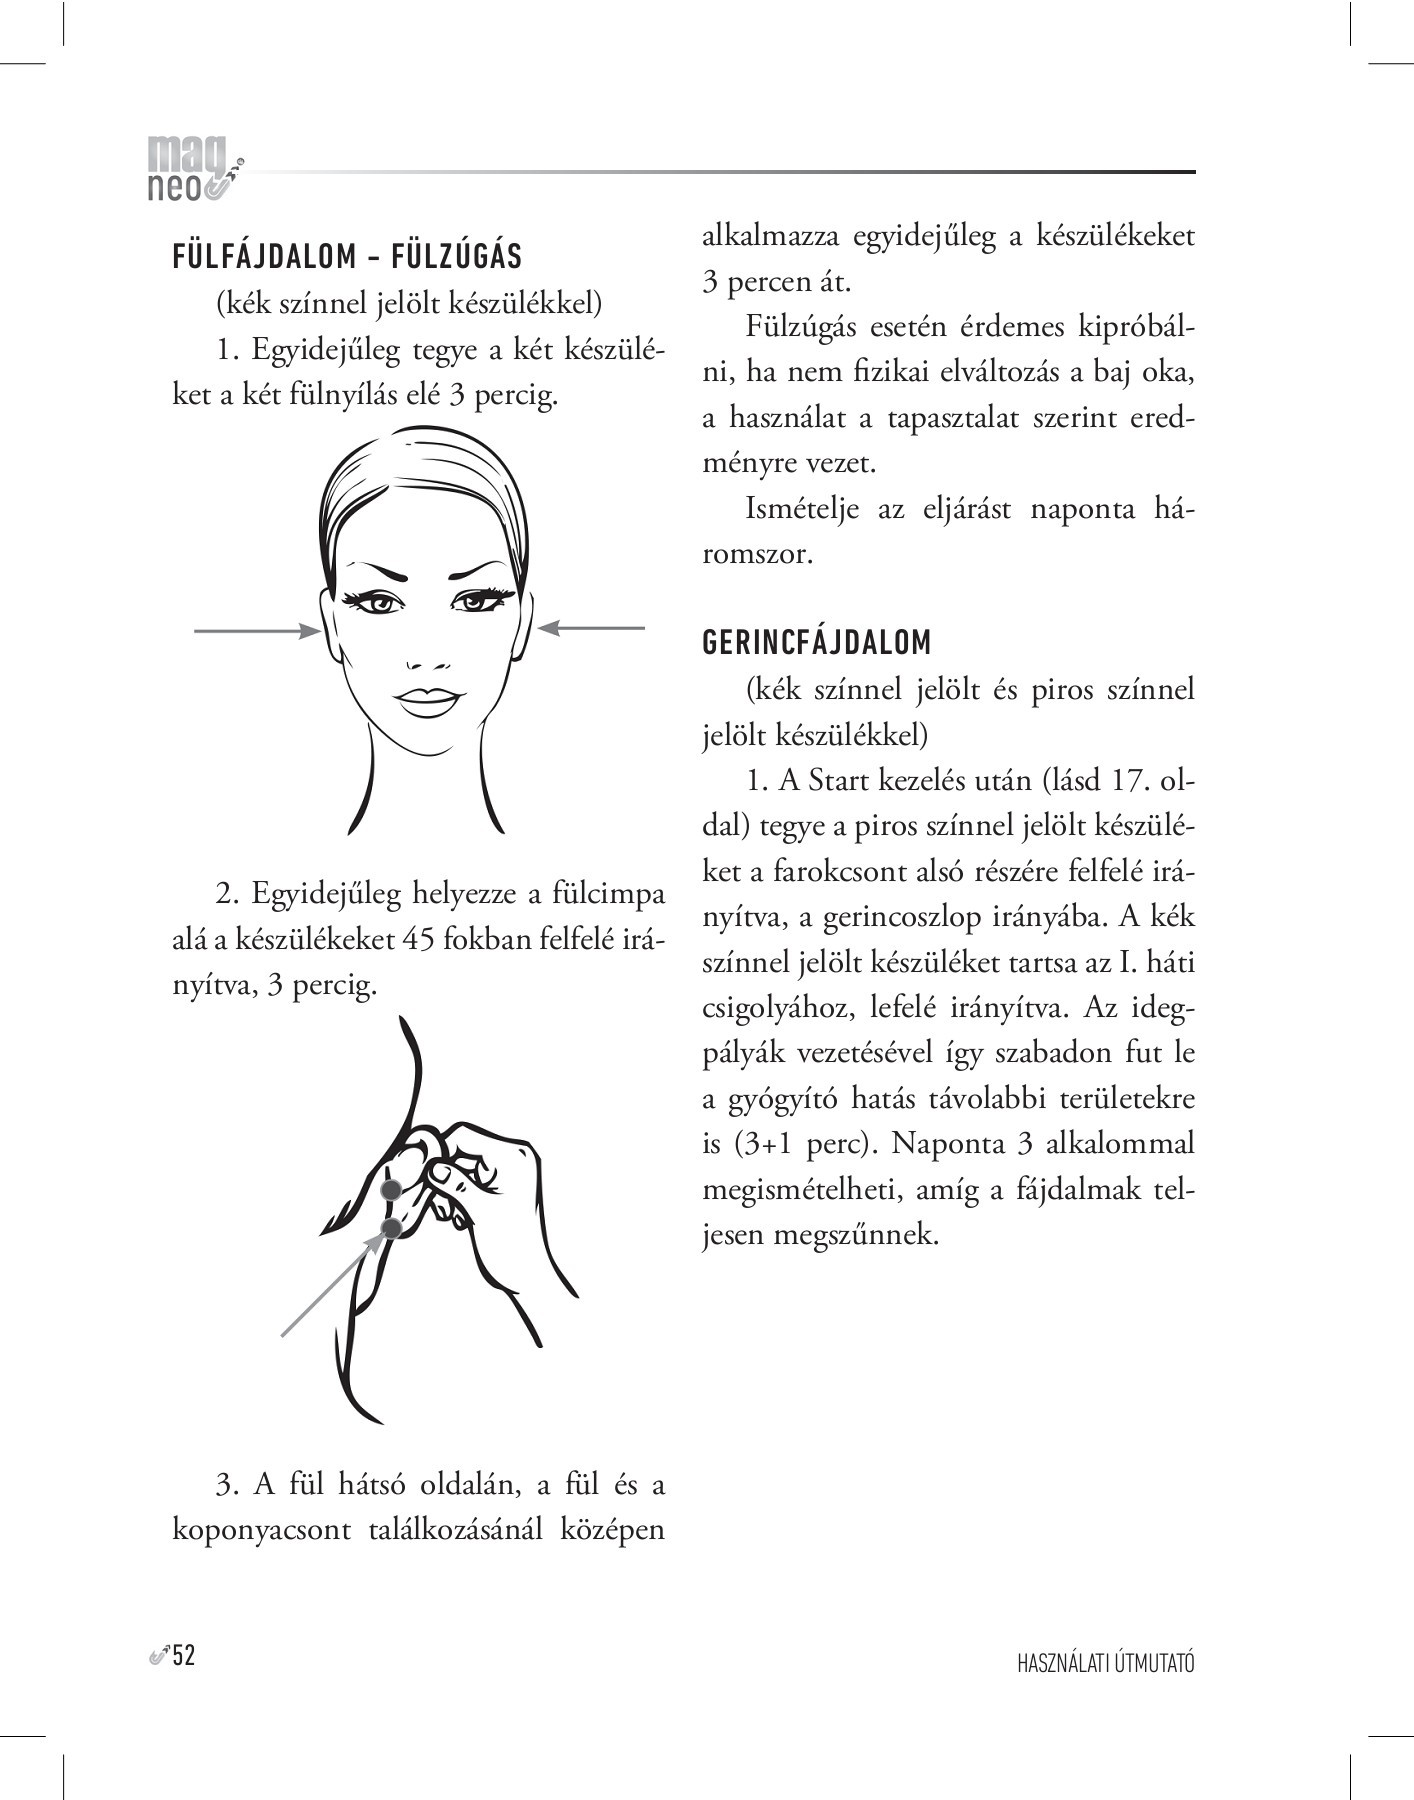 Ekcéma a kézen: egy fájdalmas bőrgyulladás - fájdalomportá1000arcu.hu